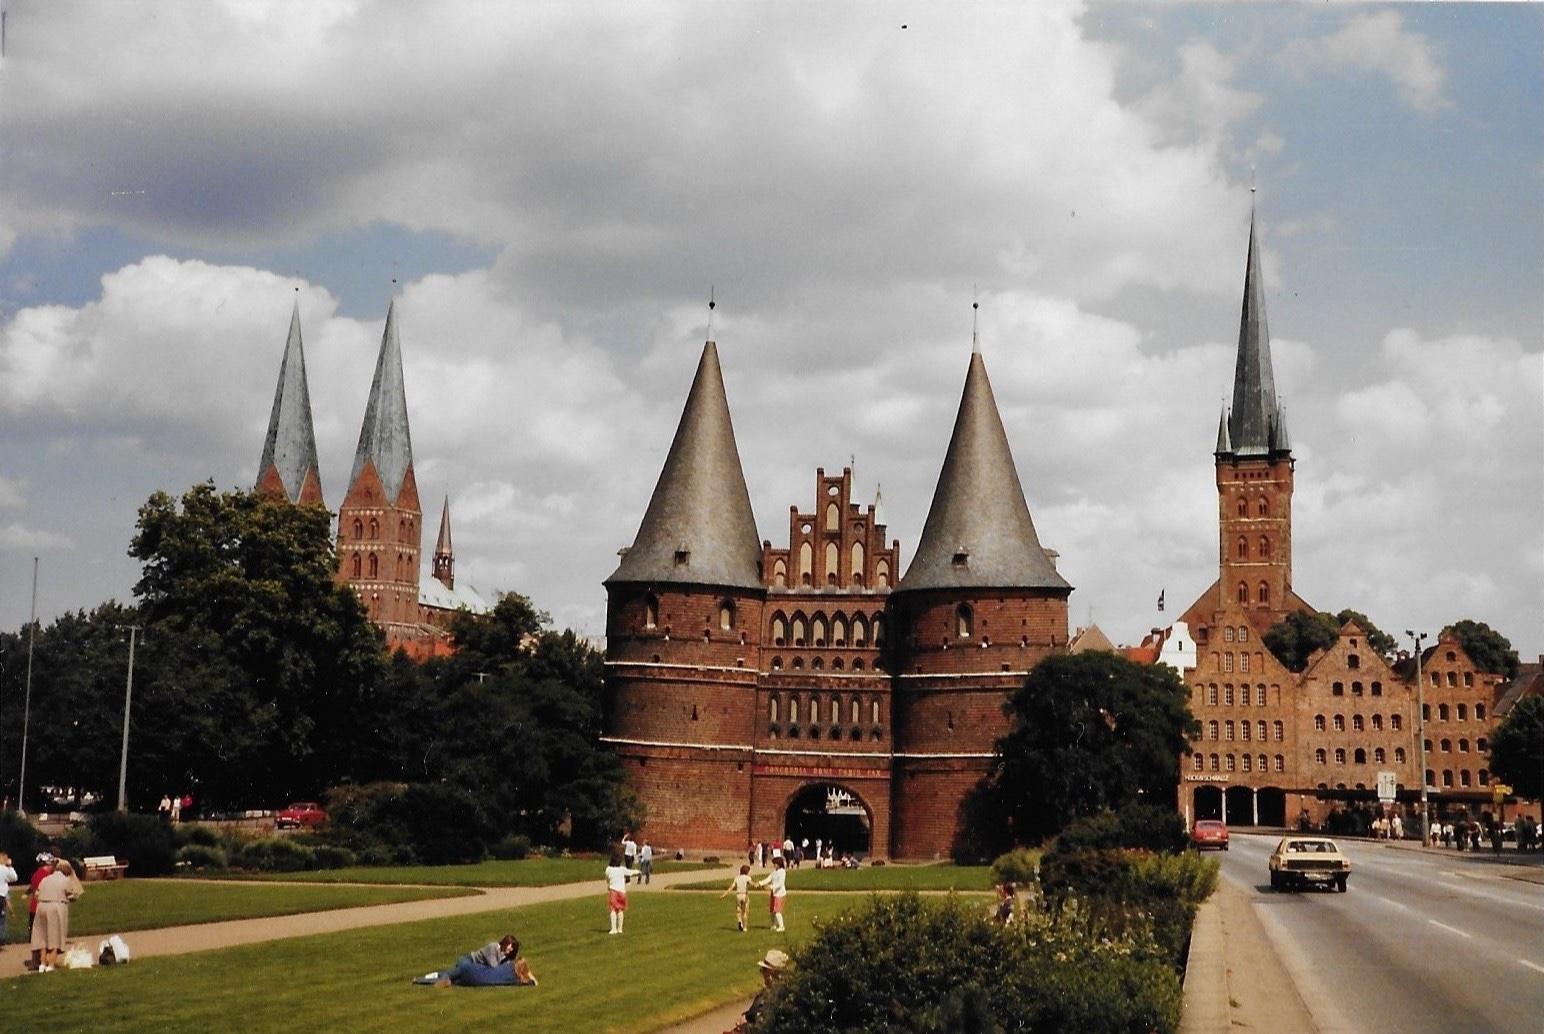 [fällt aus] 21. Juni 2020 – Kulturfahrt nach Lübeck